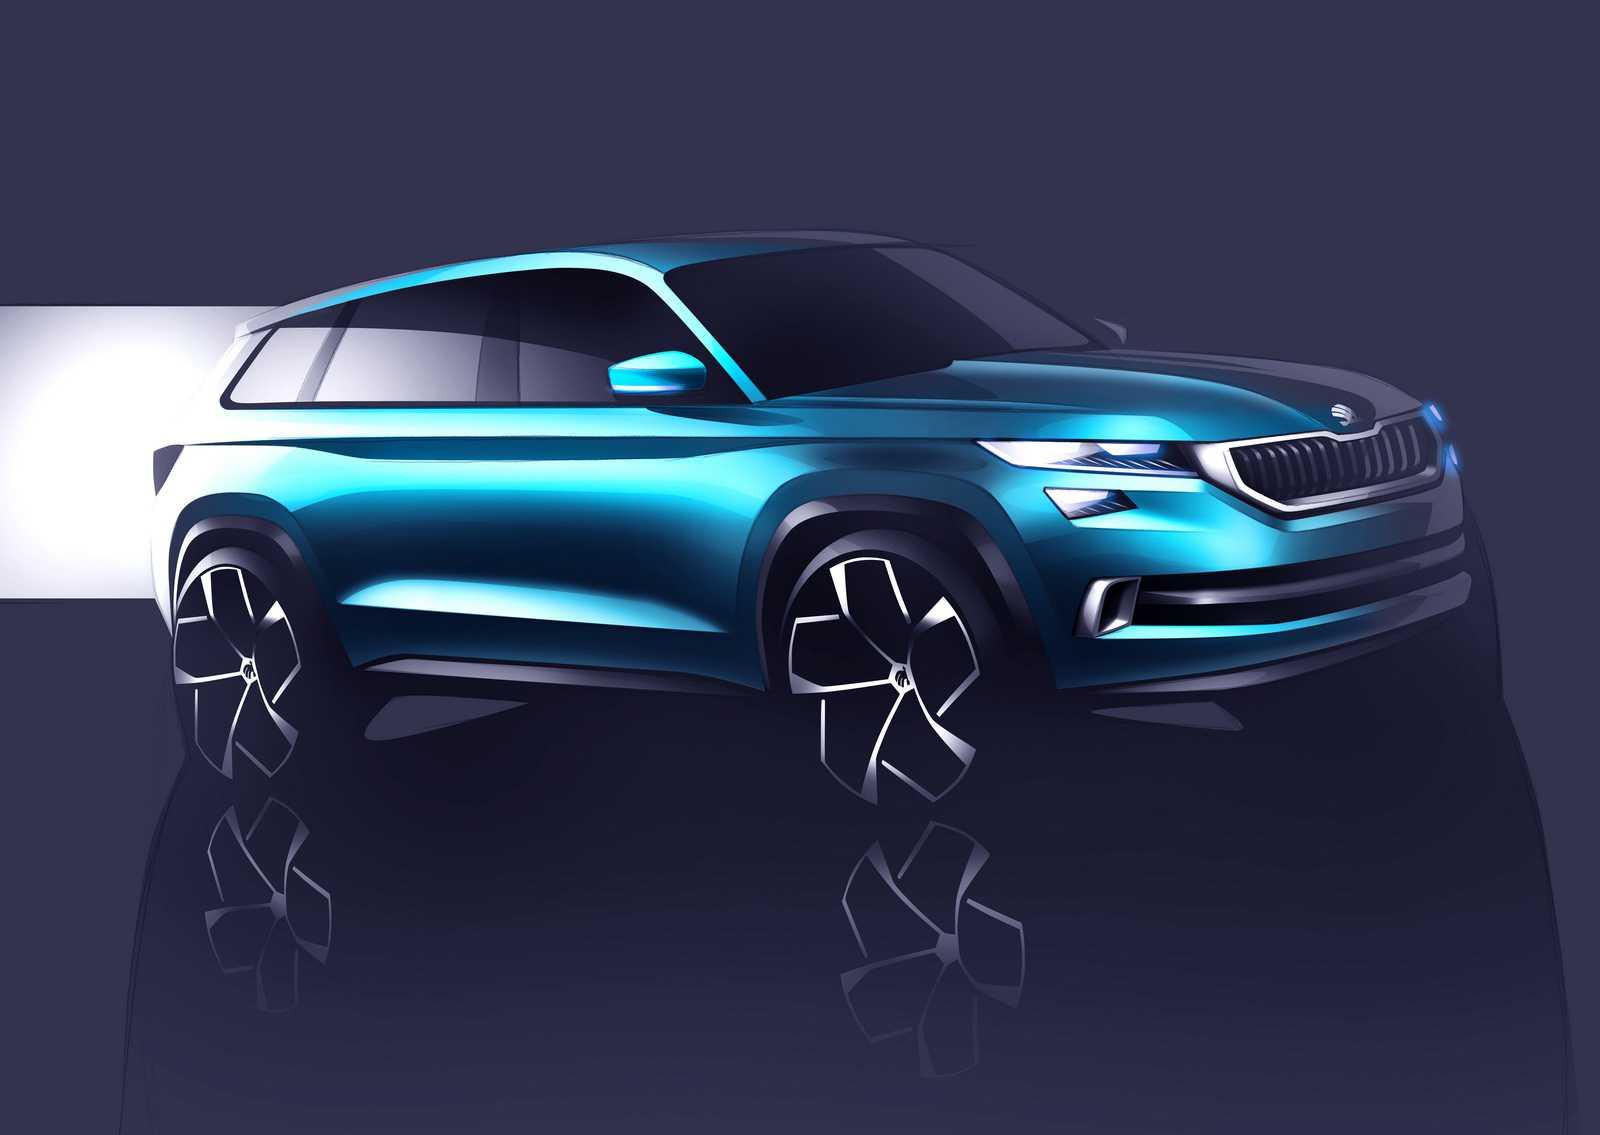 רכב התצוגה של סקודה. וויז'ן S - מבשר את בואו של דגם חדש לג'יפון עם 7 מושבים מסקודה - משלים יפה את קו המוצרים ובעל פוטנציאל מצויין בישראל. צילום: סקודה